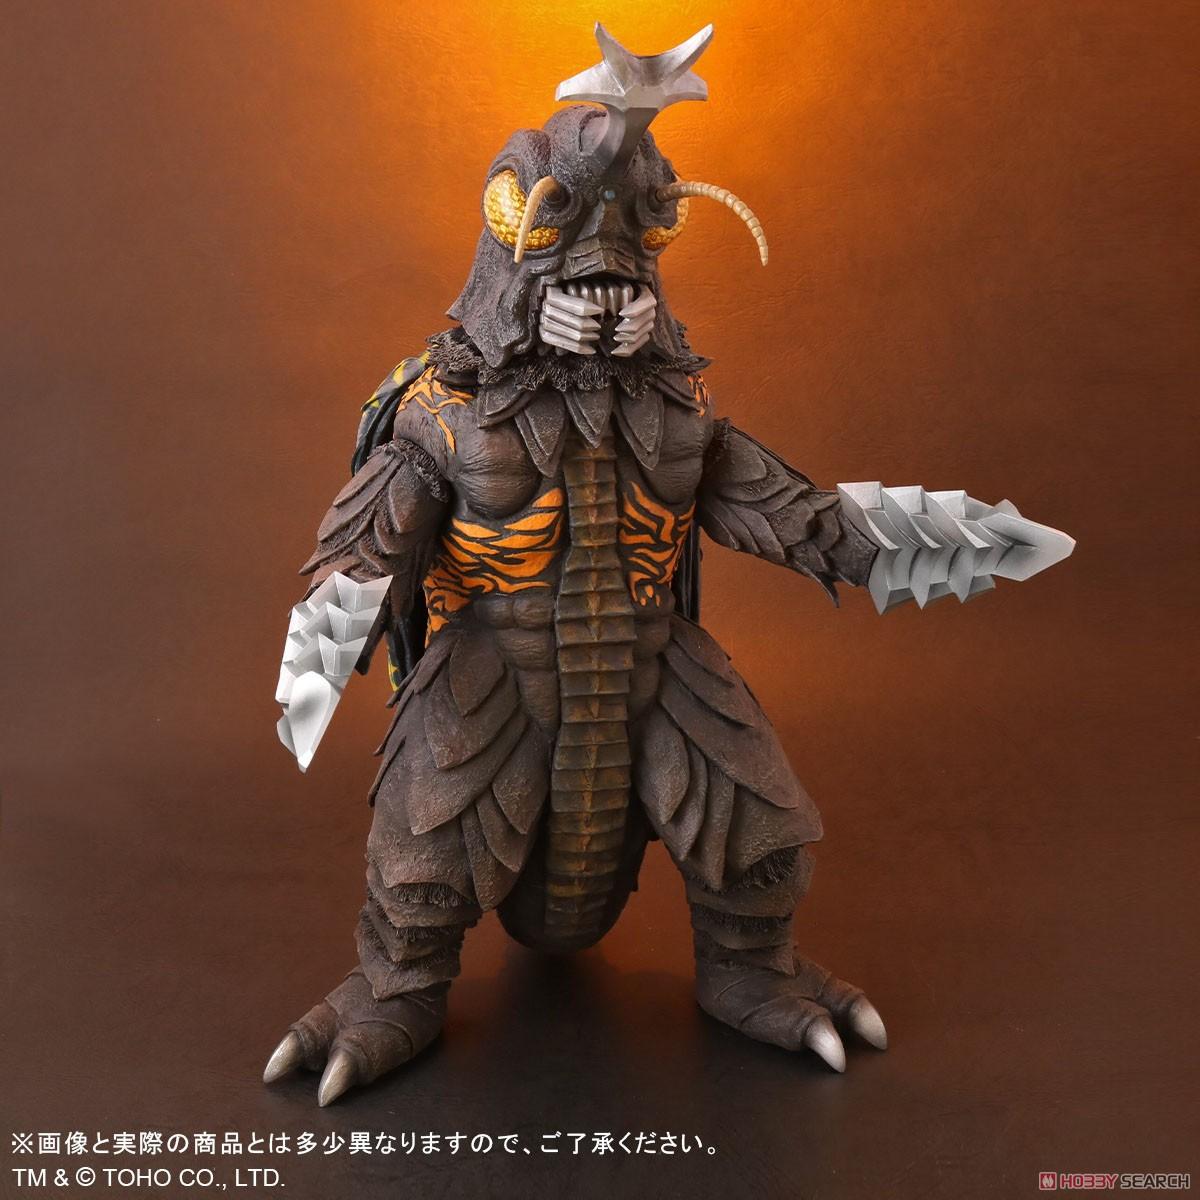 東宝30cmシリーズ『メガロ』ゴジラ対メガロ 完成品フィギュア-006